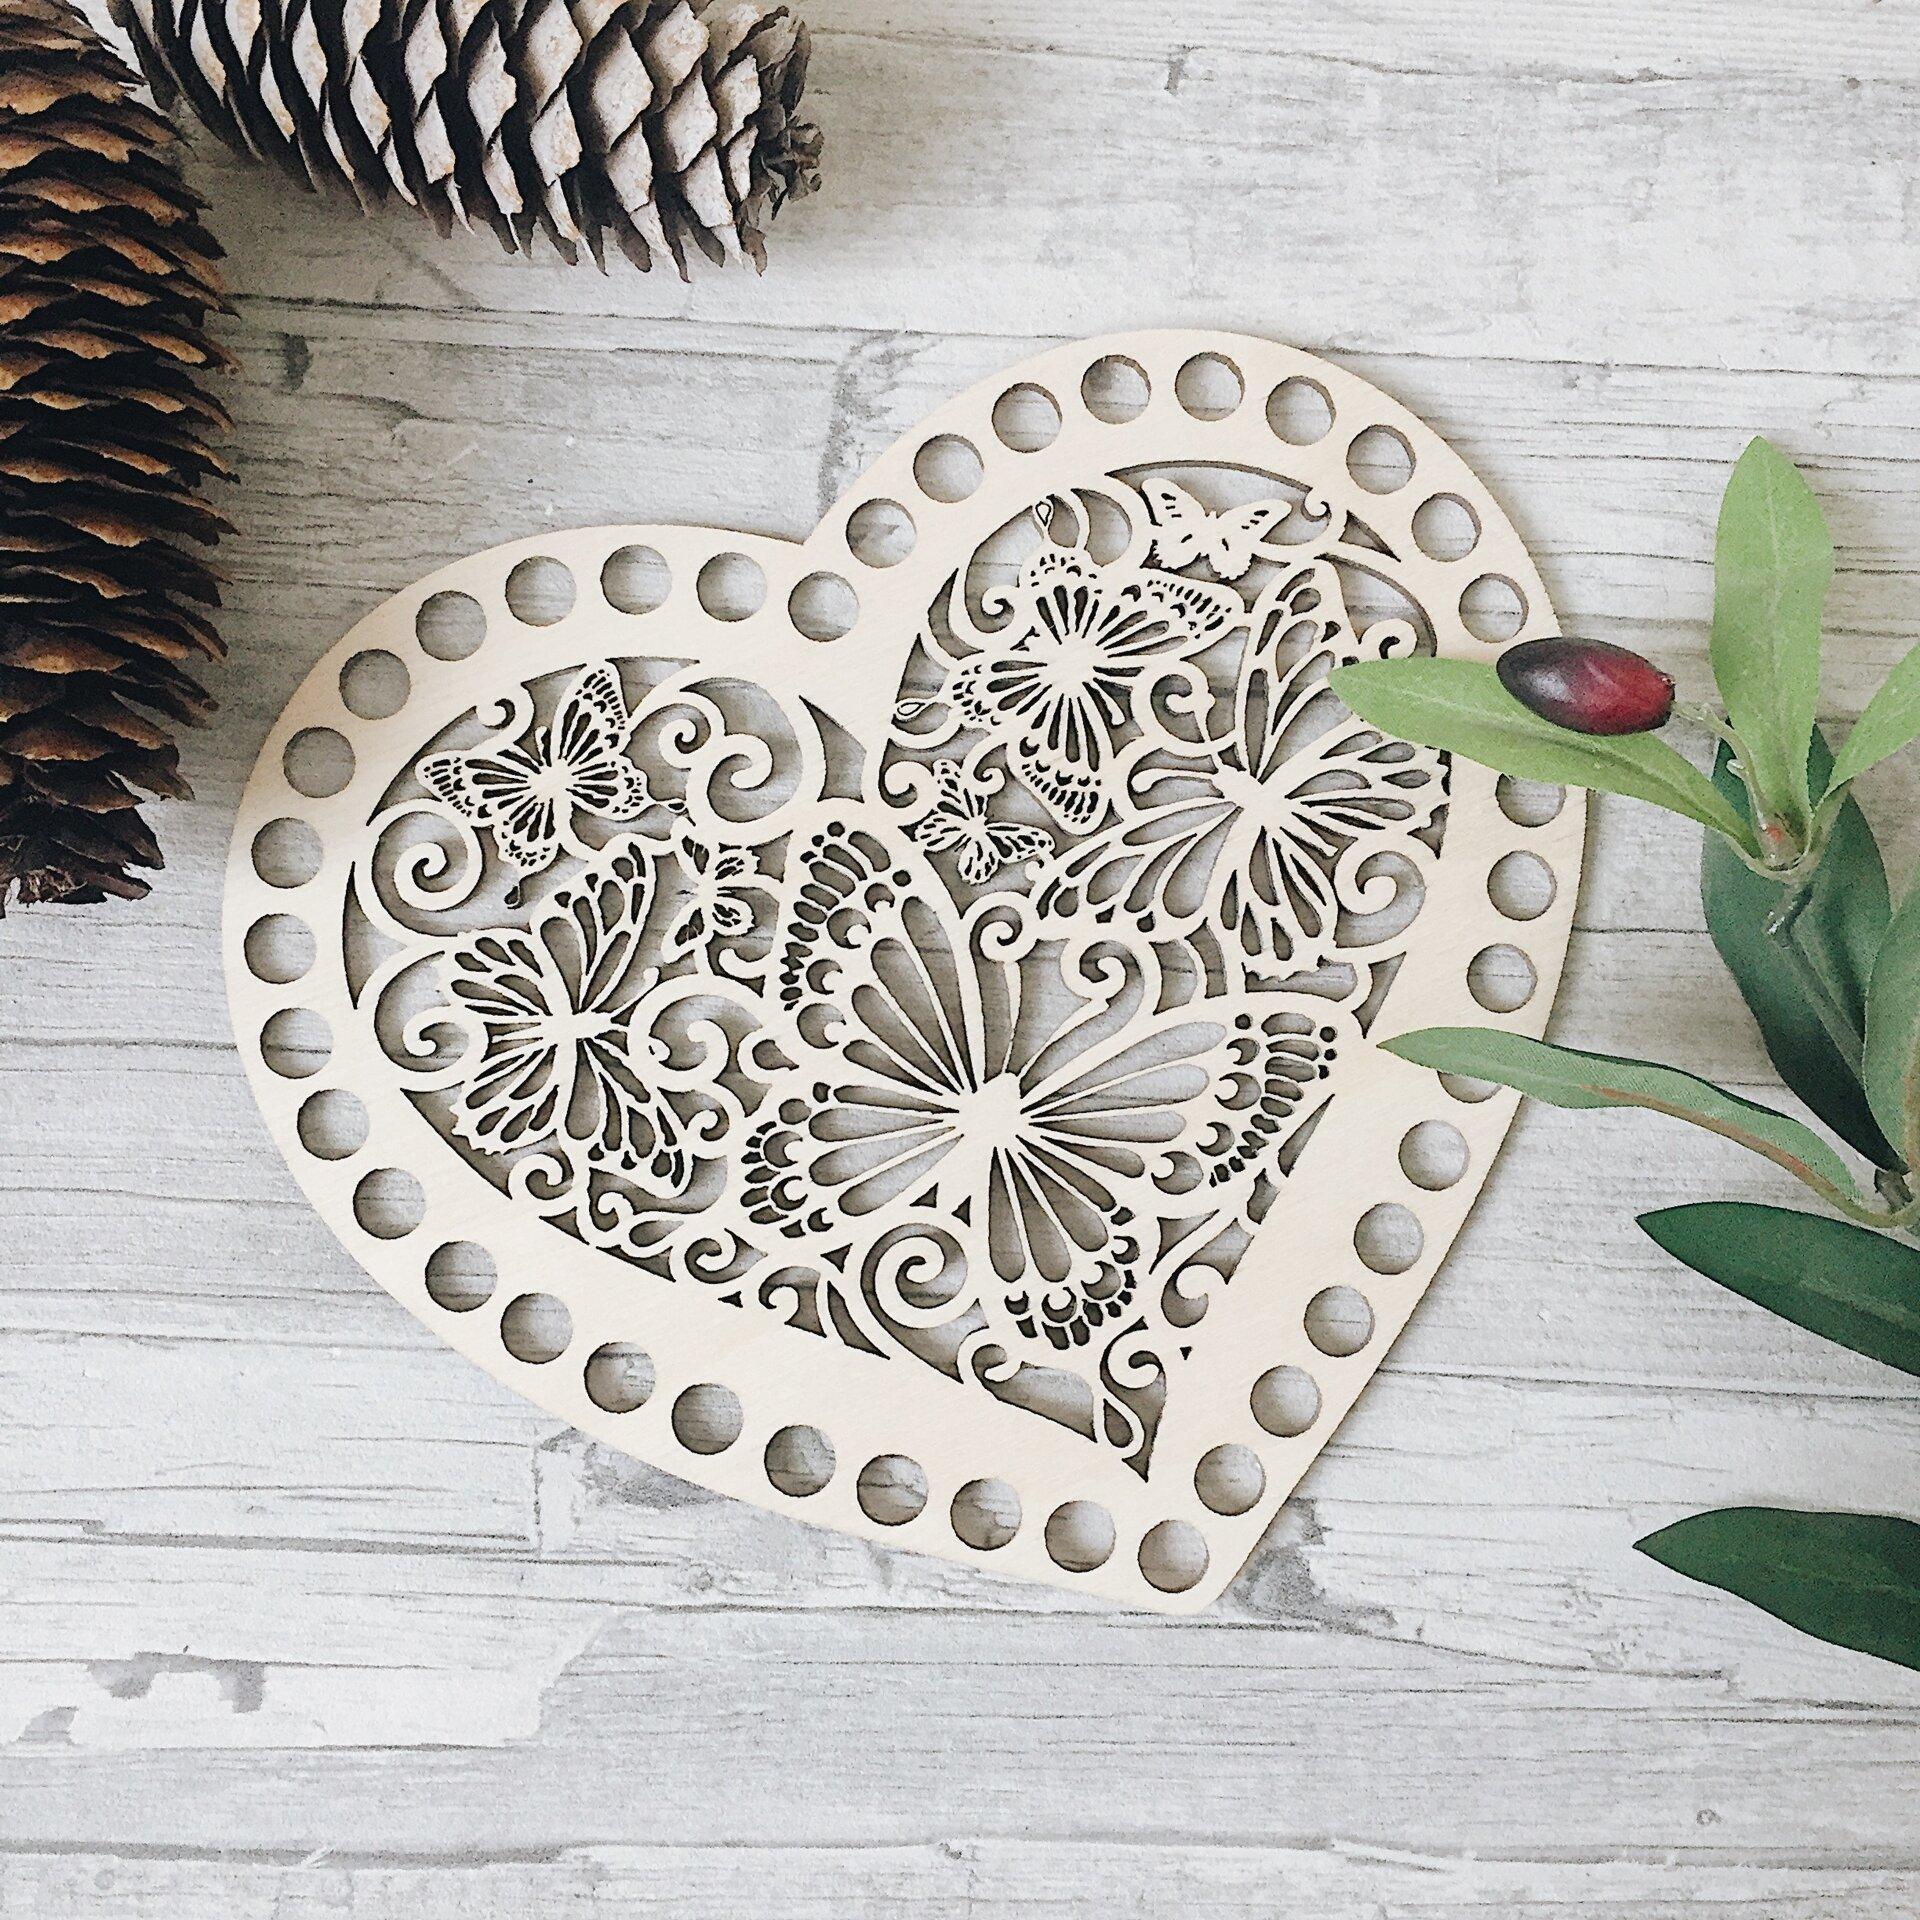 Деревянная резная крышка для корзинки,  сердце с бабочками 18х16см - фото pic_f9c4f5e0e551640_1920x9000_1.jpg